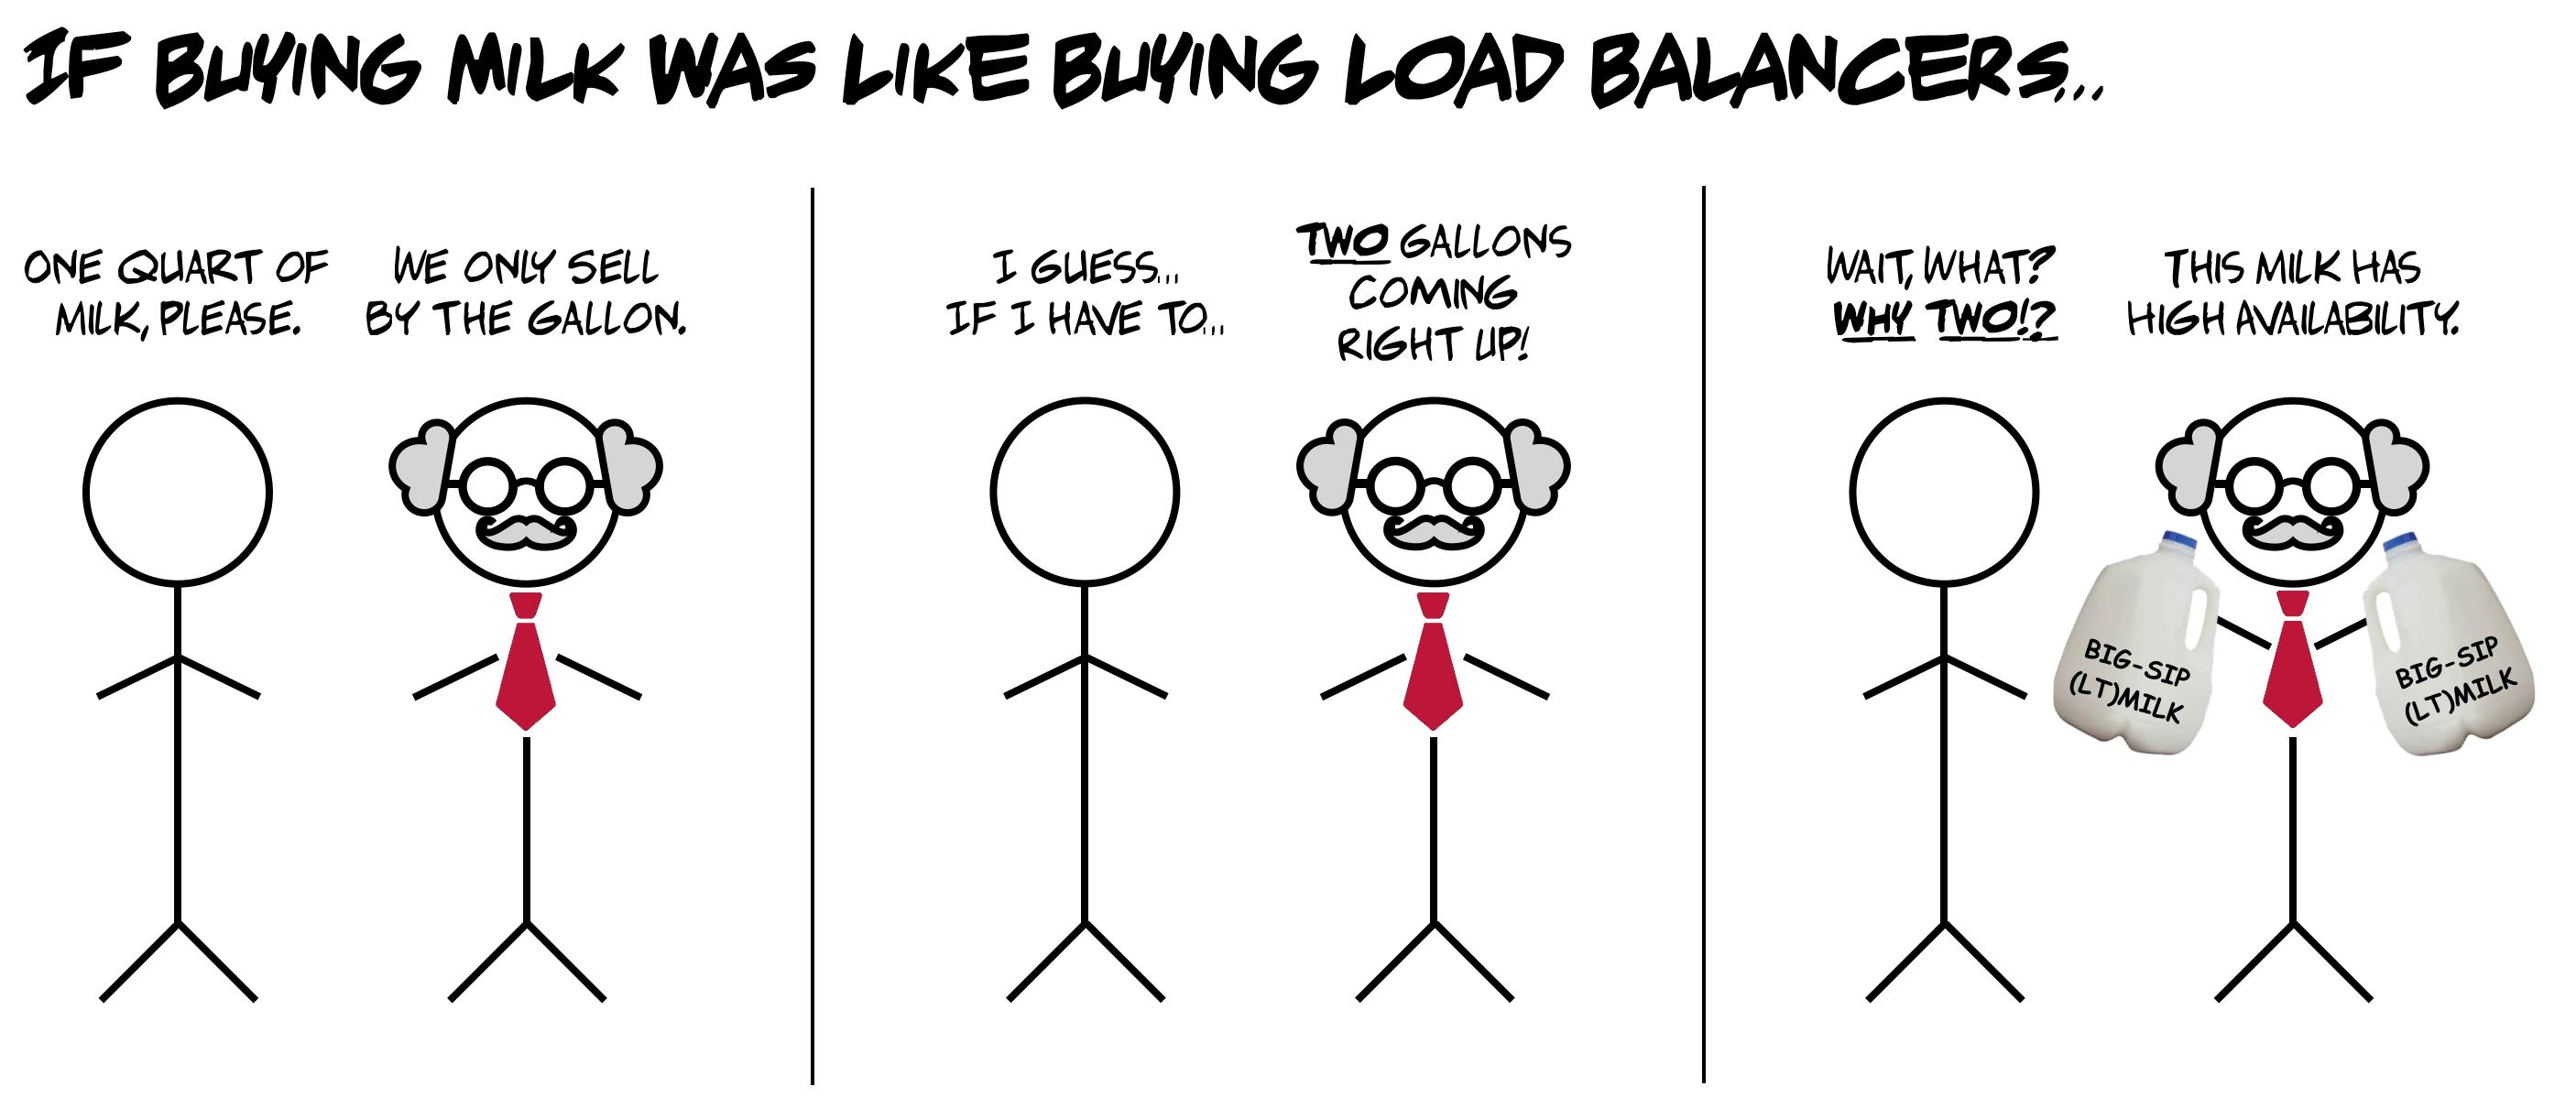 milk-load-balancer.png